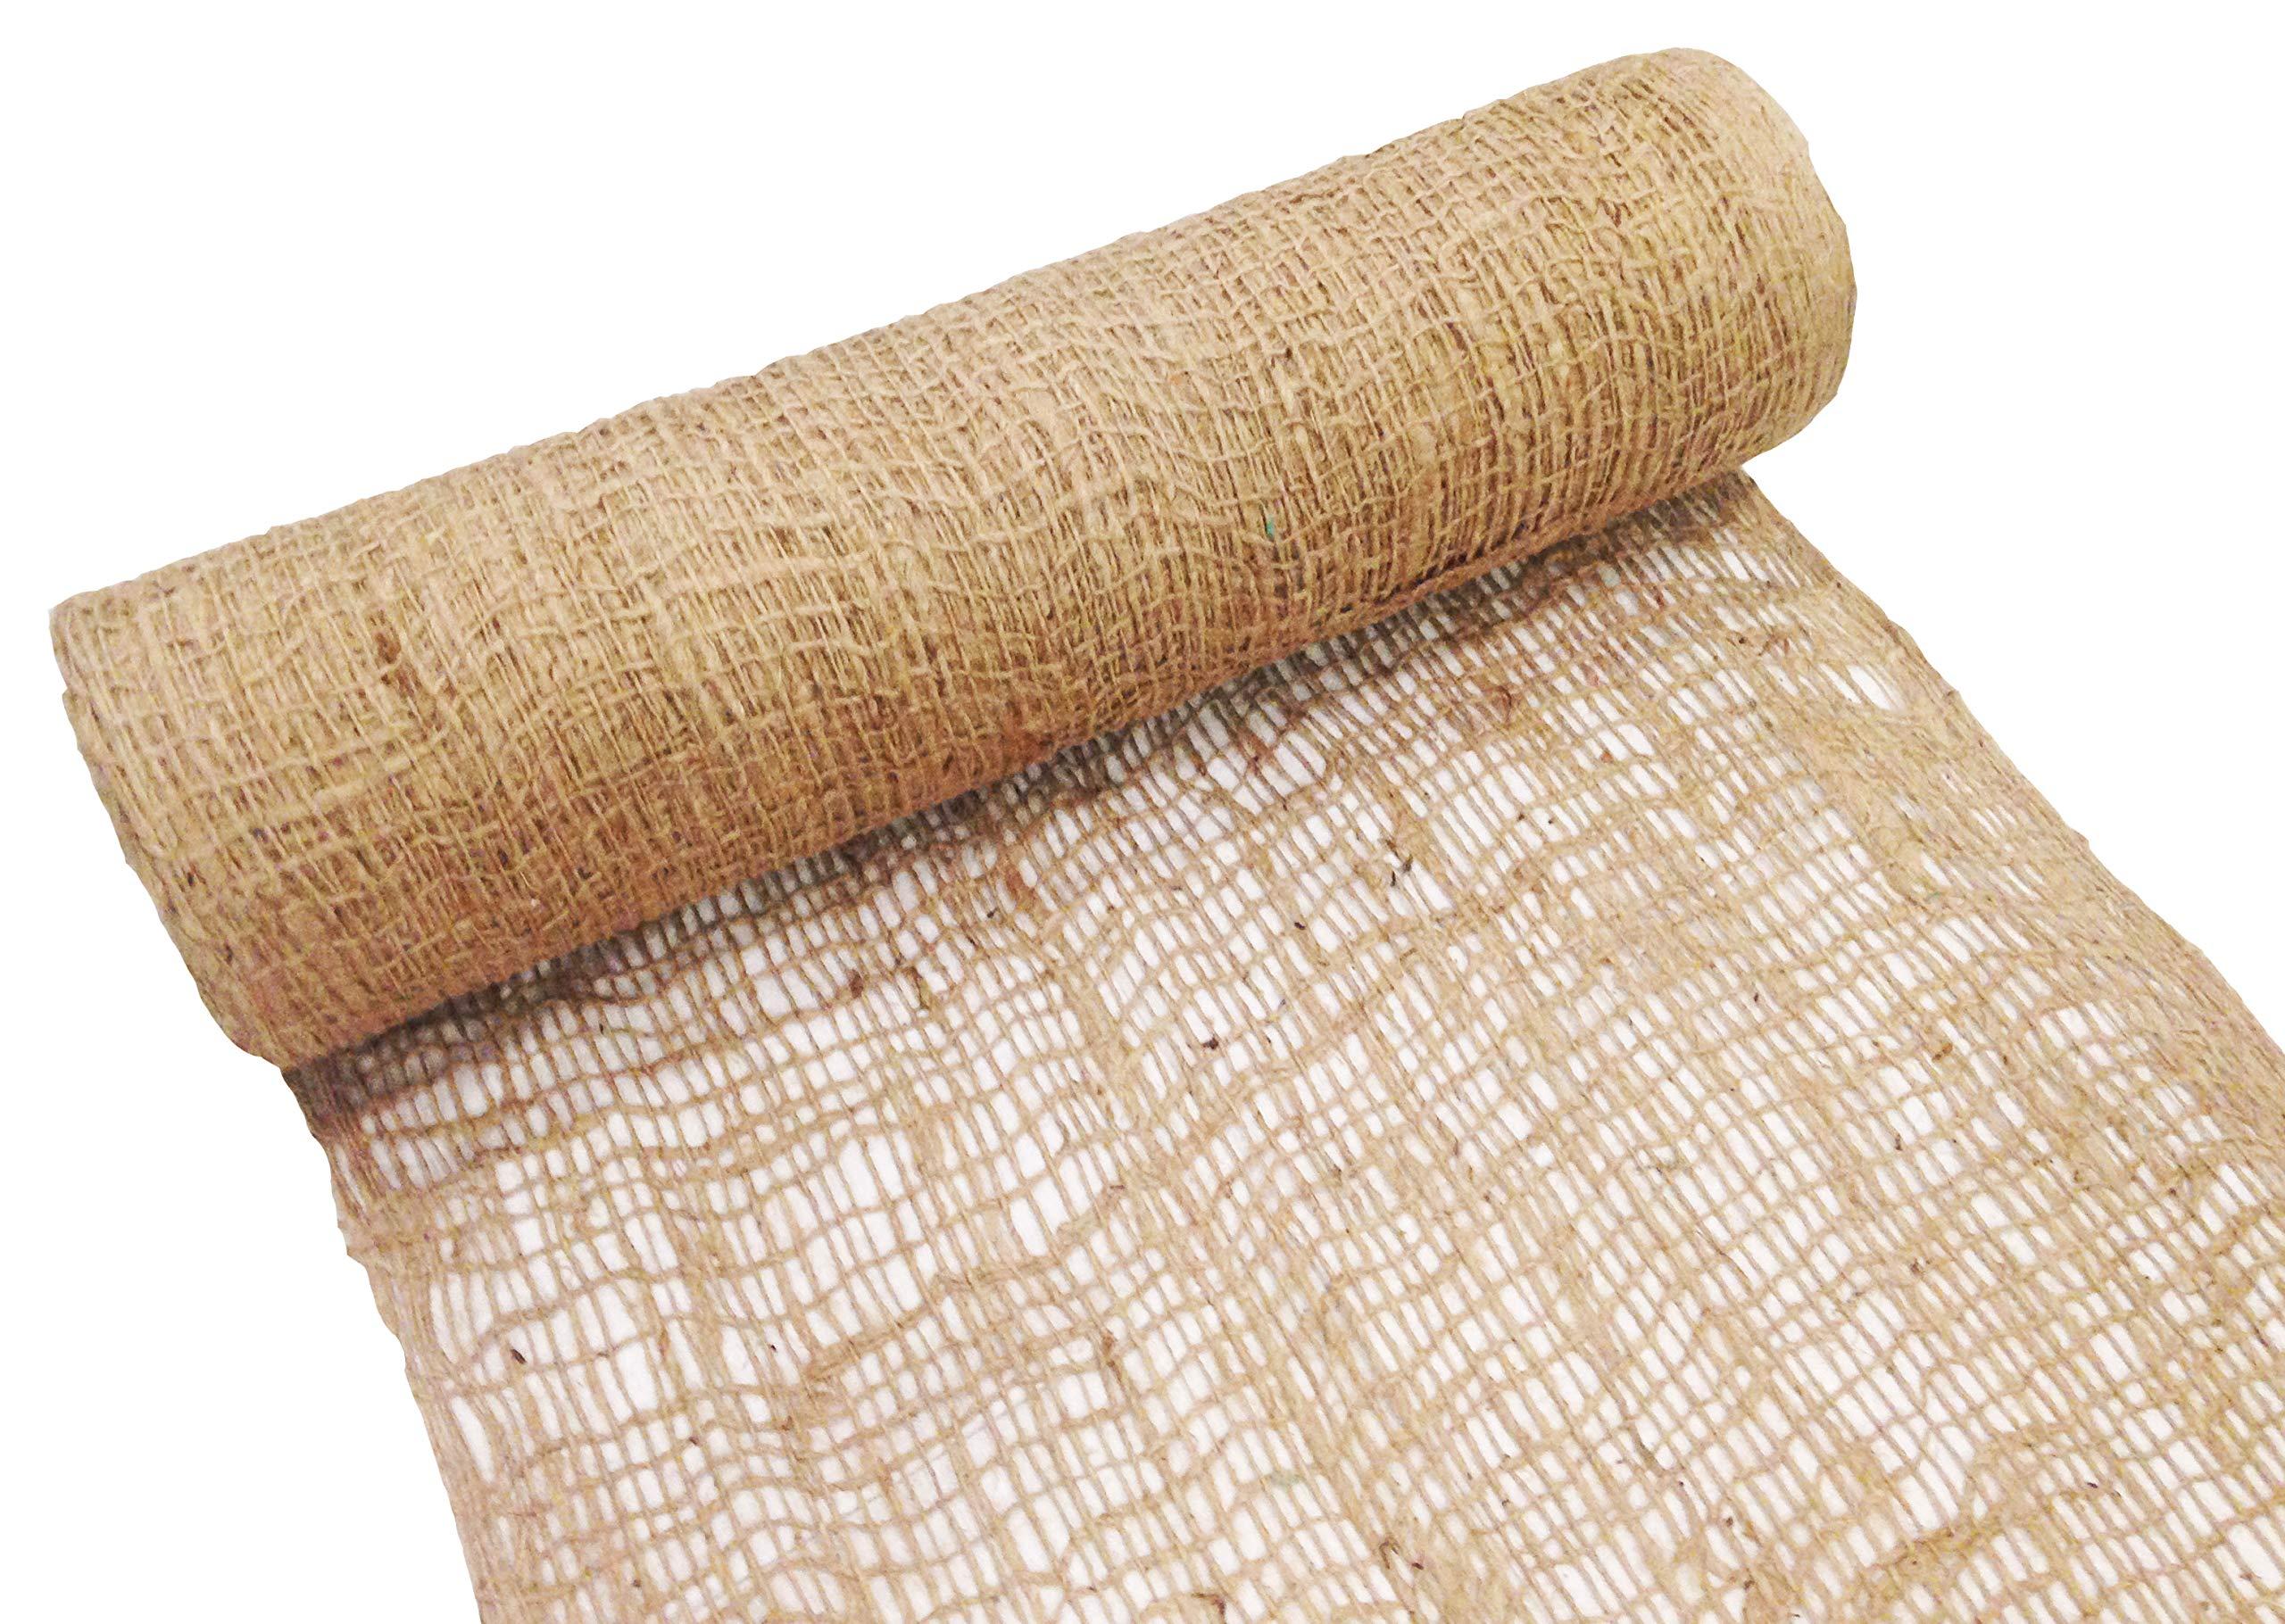 Sandbaggy Jute Netting Roll - Erosion Control Matting Blanket - Jute Matting - Jute Mesh Blanket - Jute Netting Installation for Erosion Control - 225 ft Length by 4 ft Width (1 Roll)